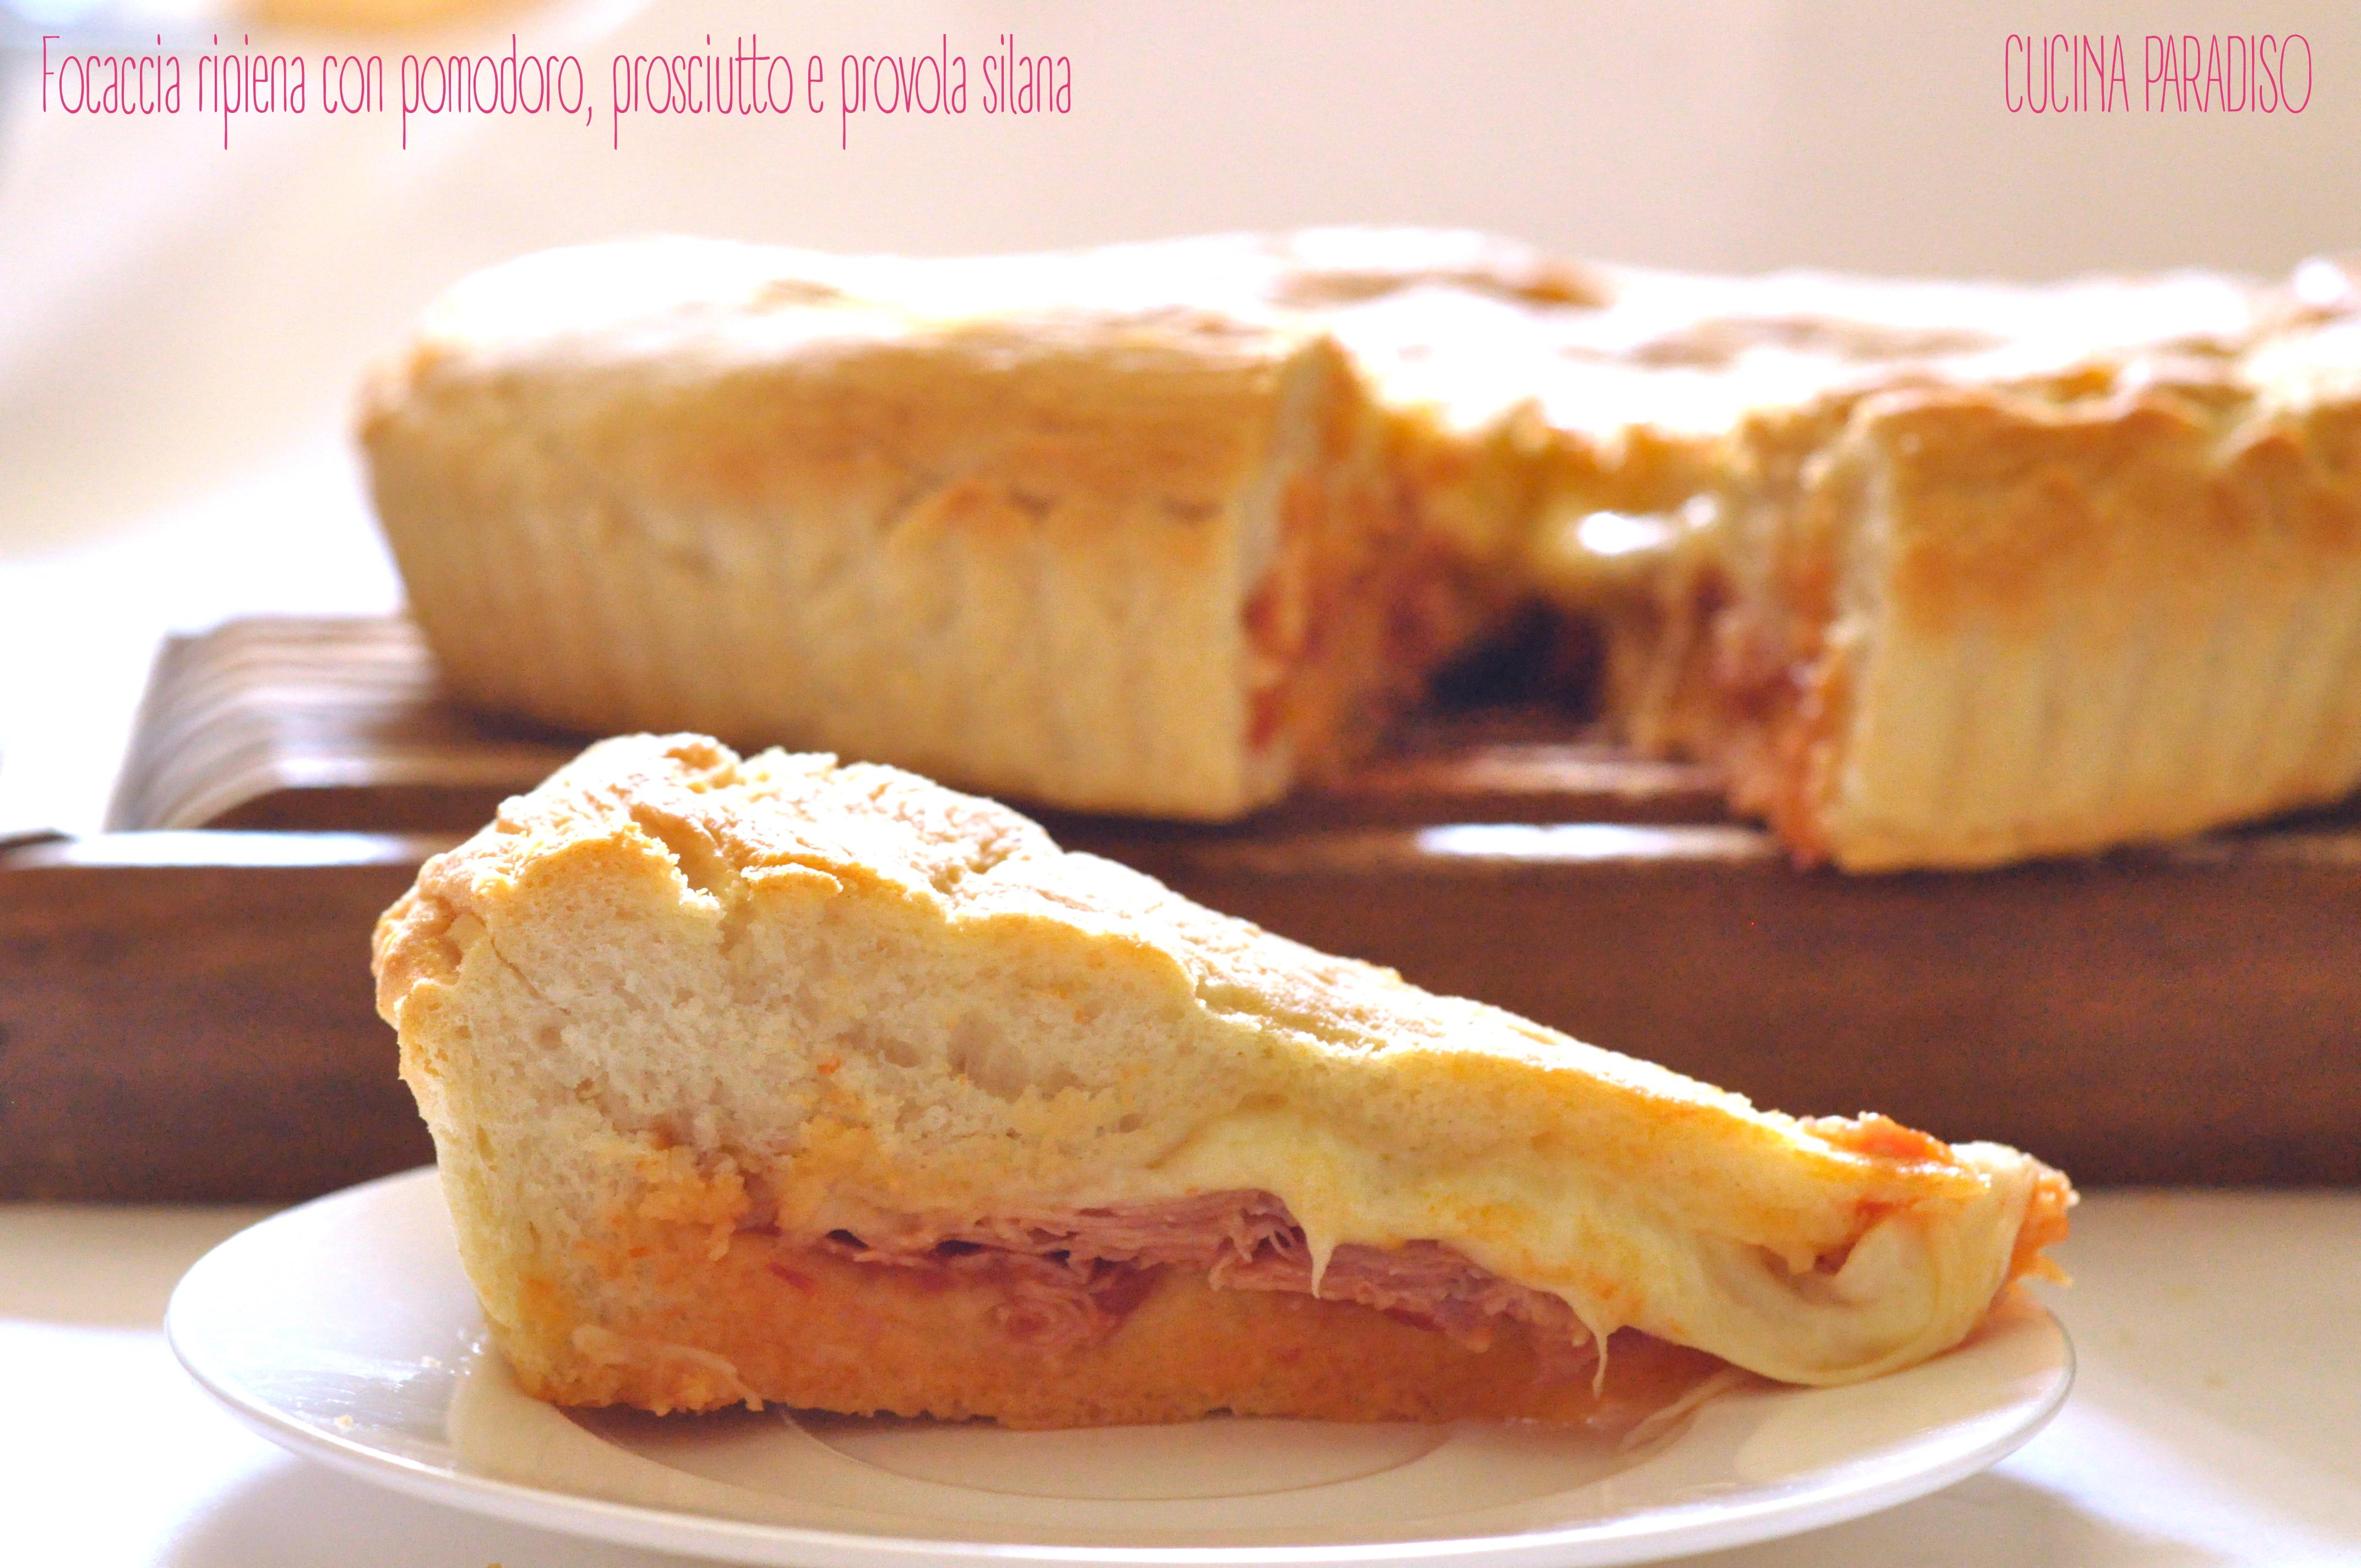 Focaccia ripiena con pomodoro, prosciutto e provola silana2